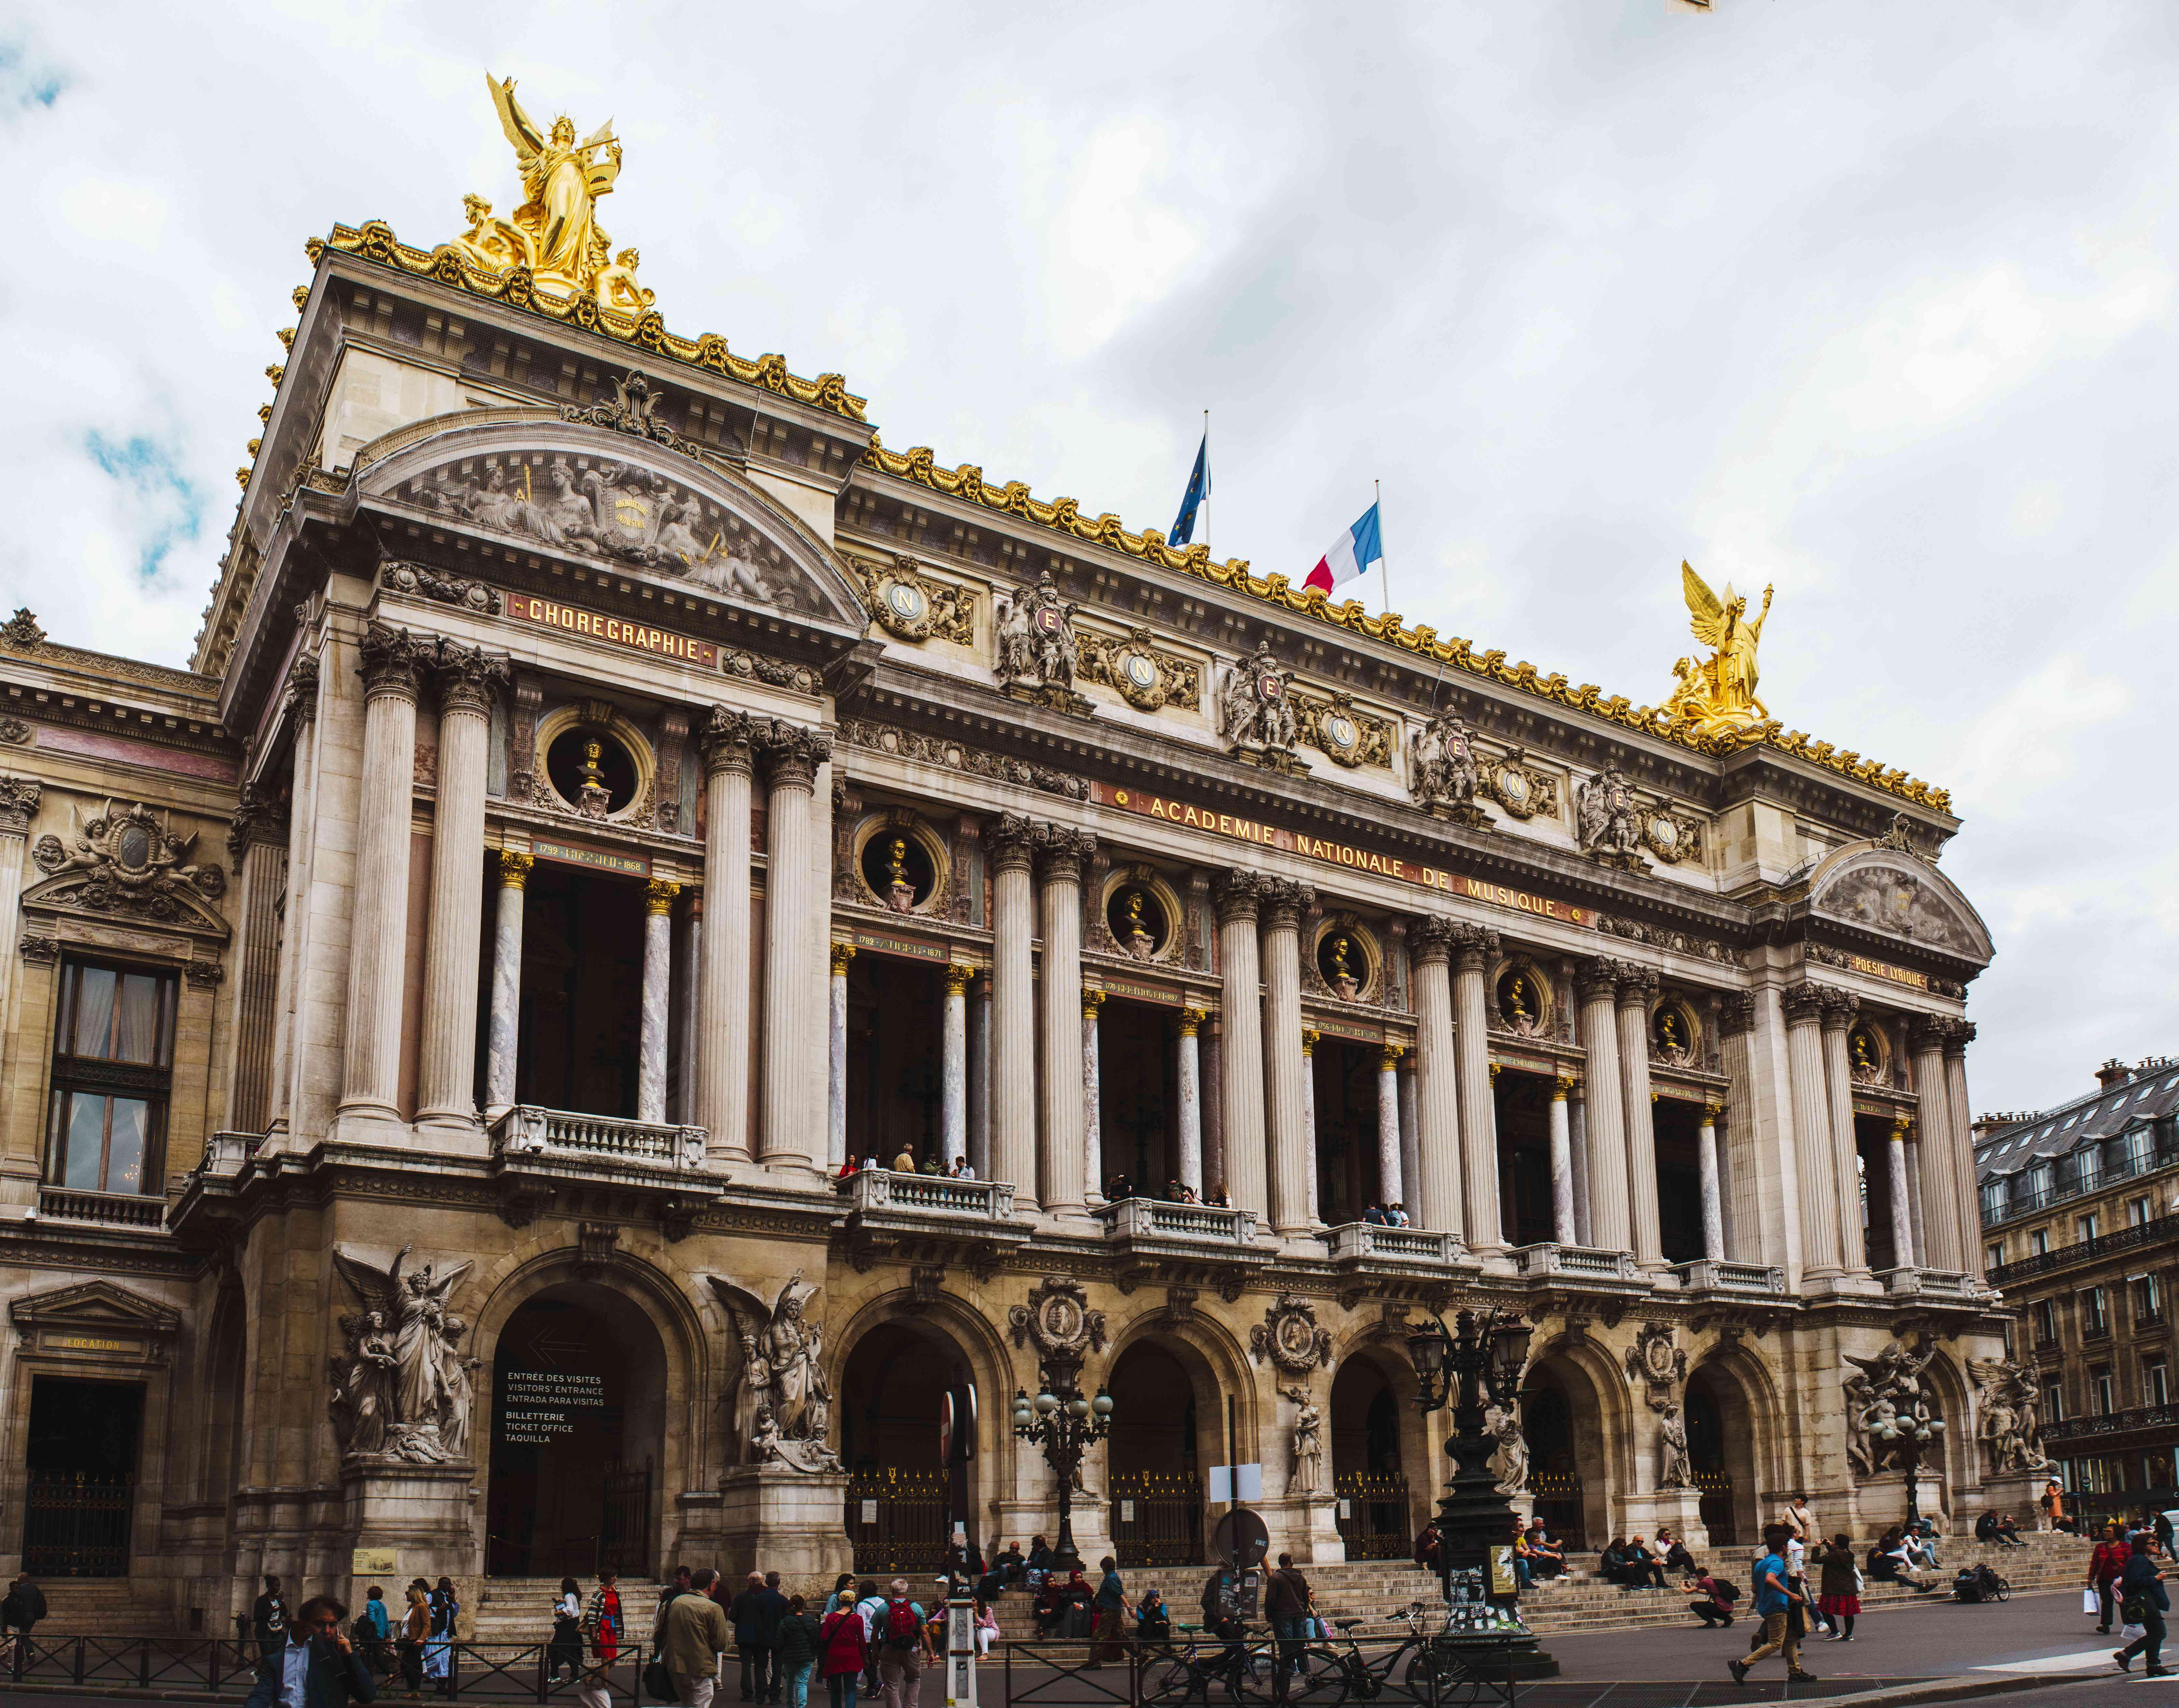 Exterior of Opera Garnier